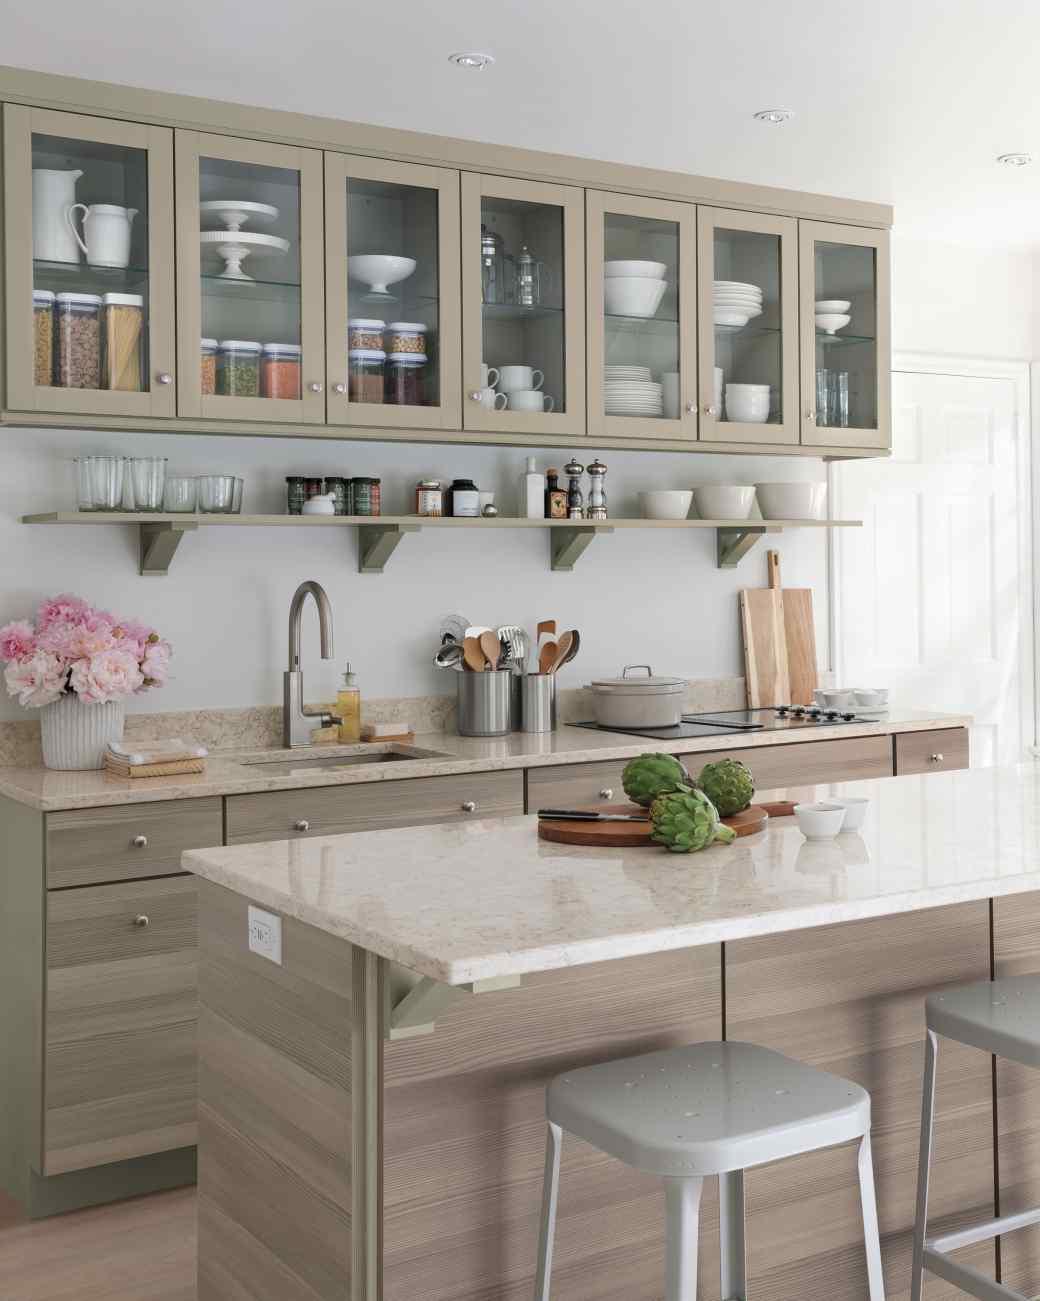 11 sai lầm phổ biến cần tránh khi sửa sang và trang trí nhà bếp